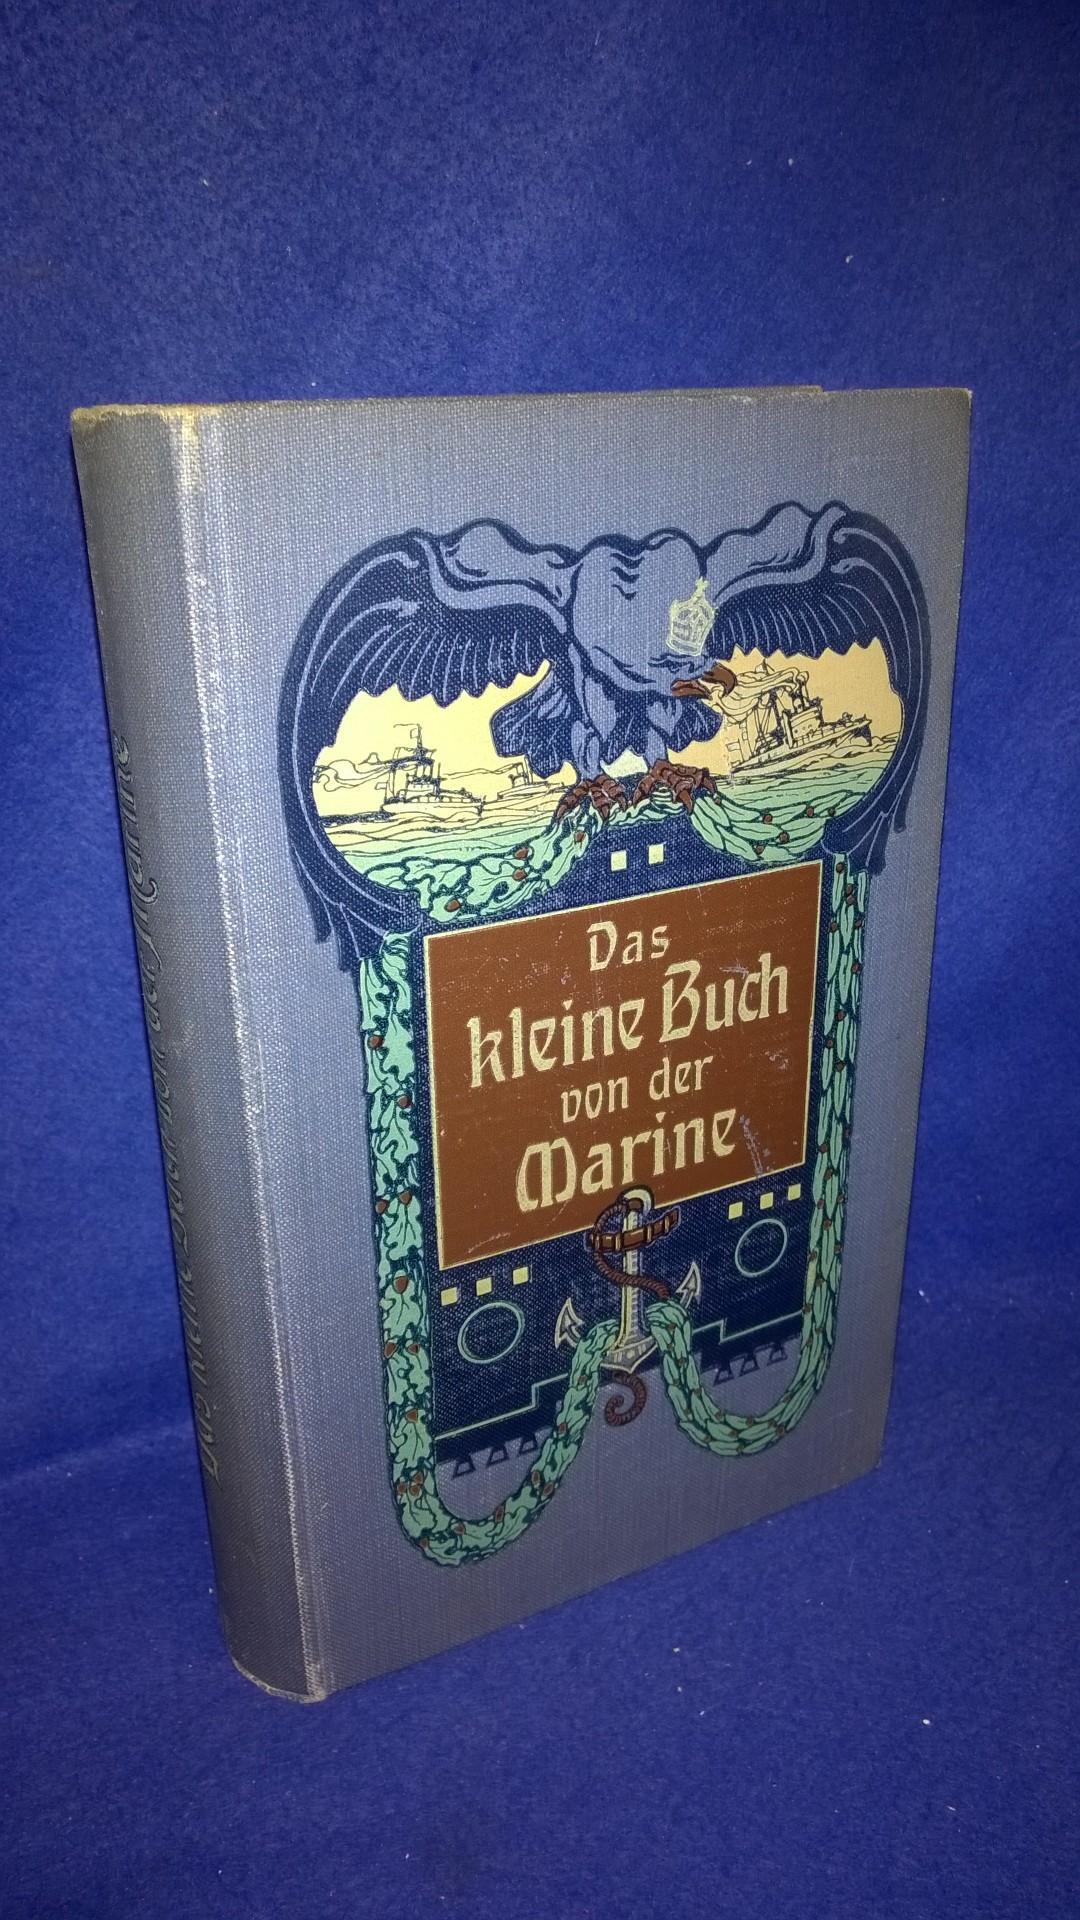 Das kleine Buch von der Marine - Ein Handbuch allen Wissenswerten über die deutsche Flotte nebst vergleichender Darstellung der Seestreitkräfte des Auslandes.